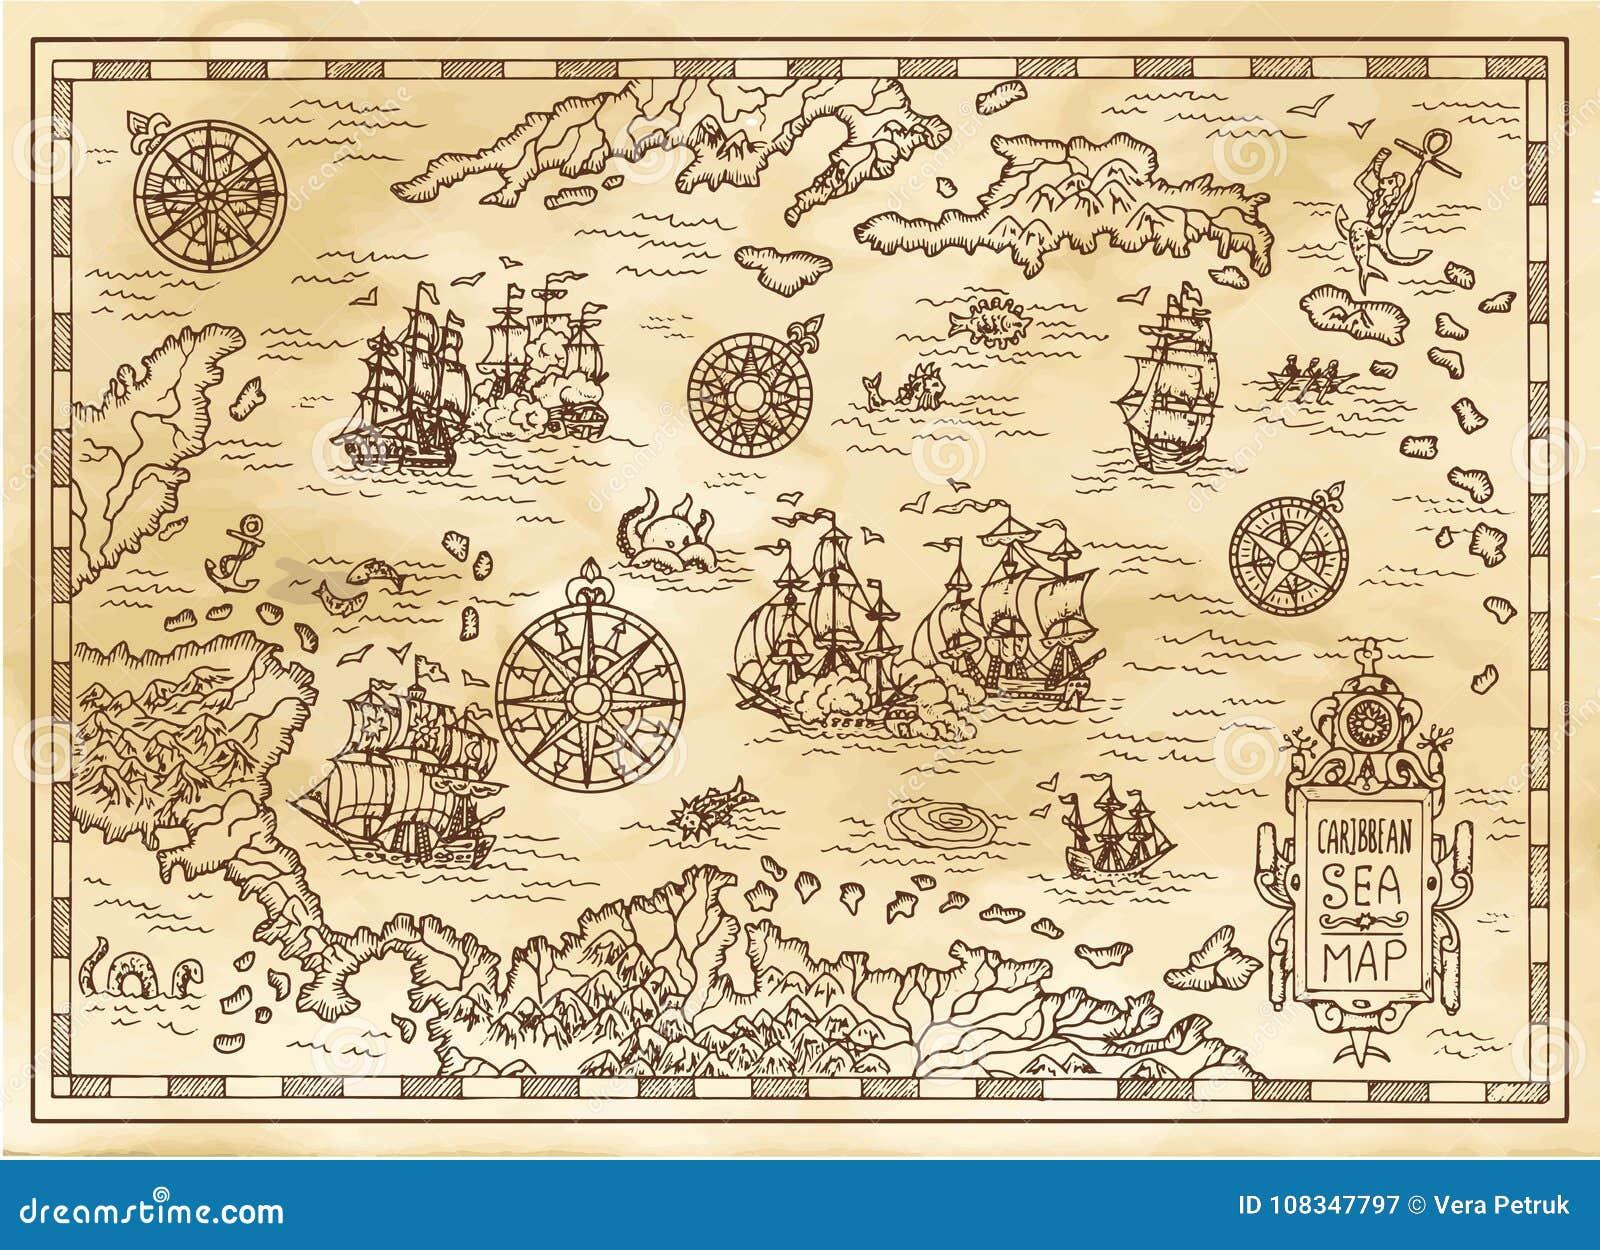 Старая карта пирата карибского моря с кораблями, островами и тварями фантазии